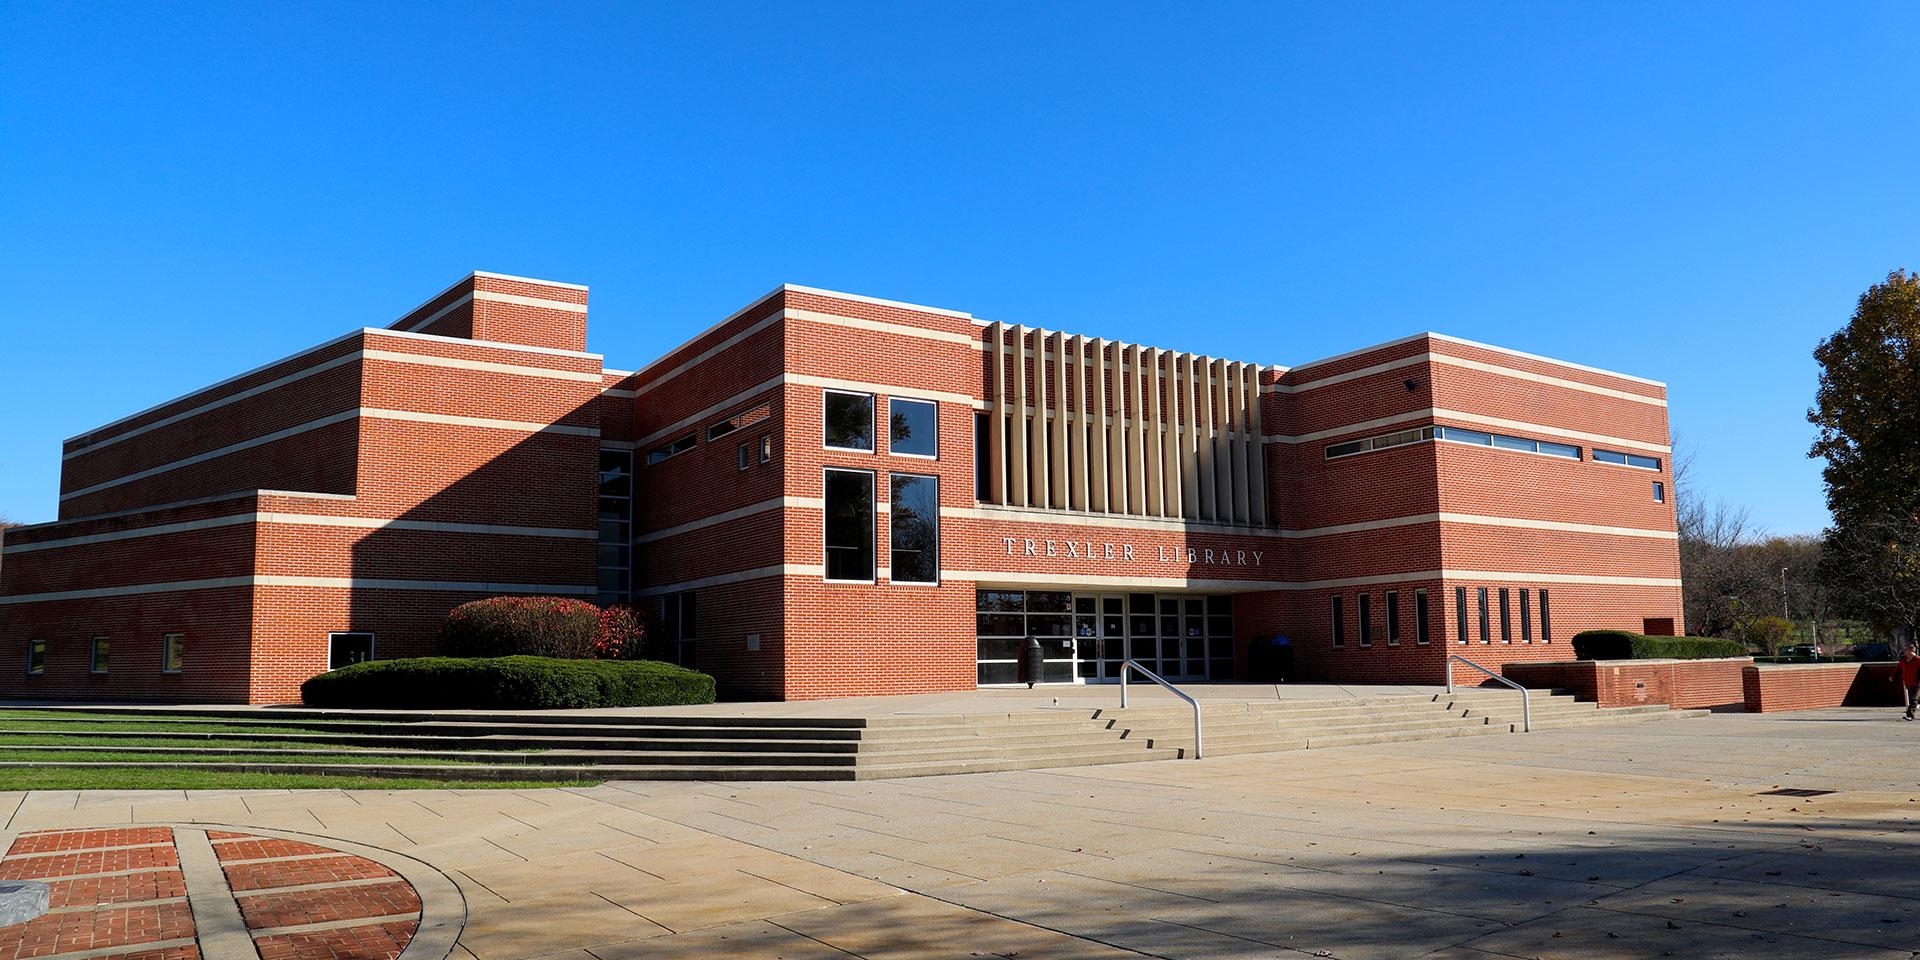 Trexler Library